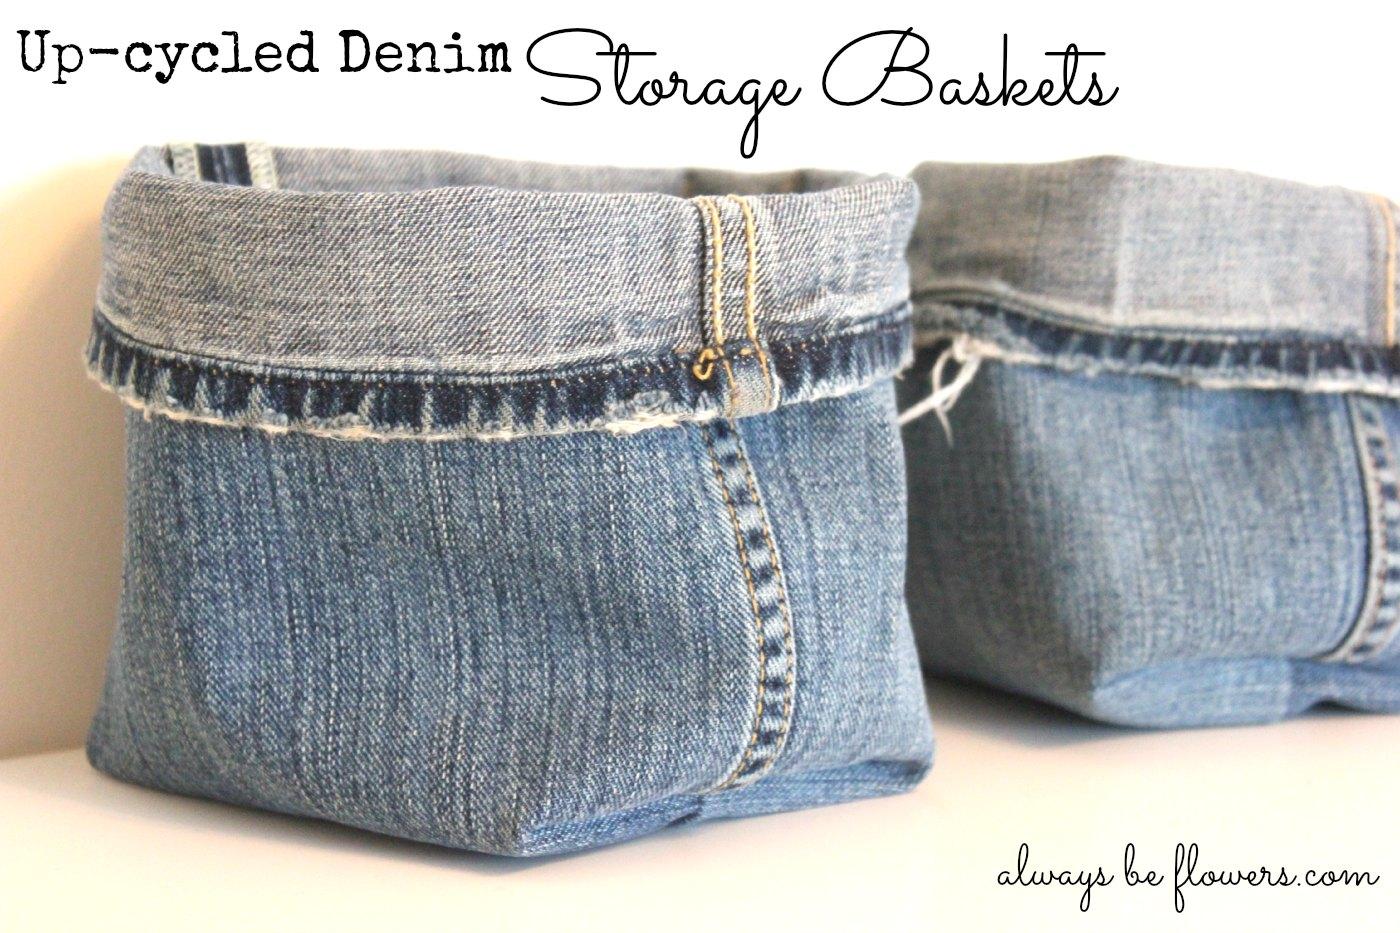 upcycled-denim-storage-baskets.jpg